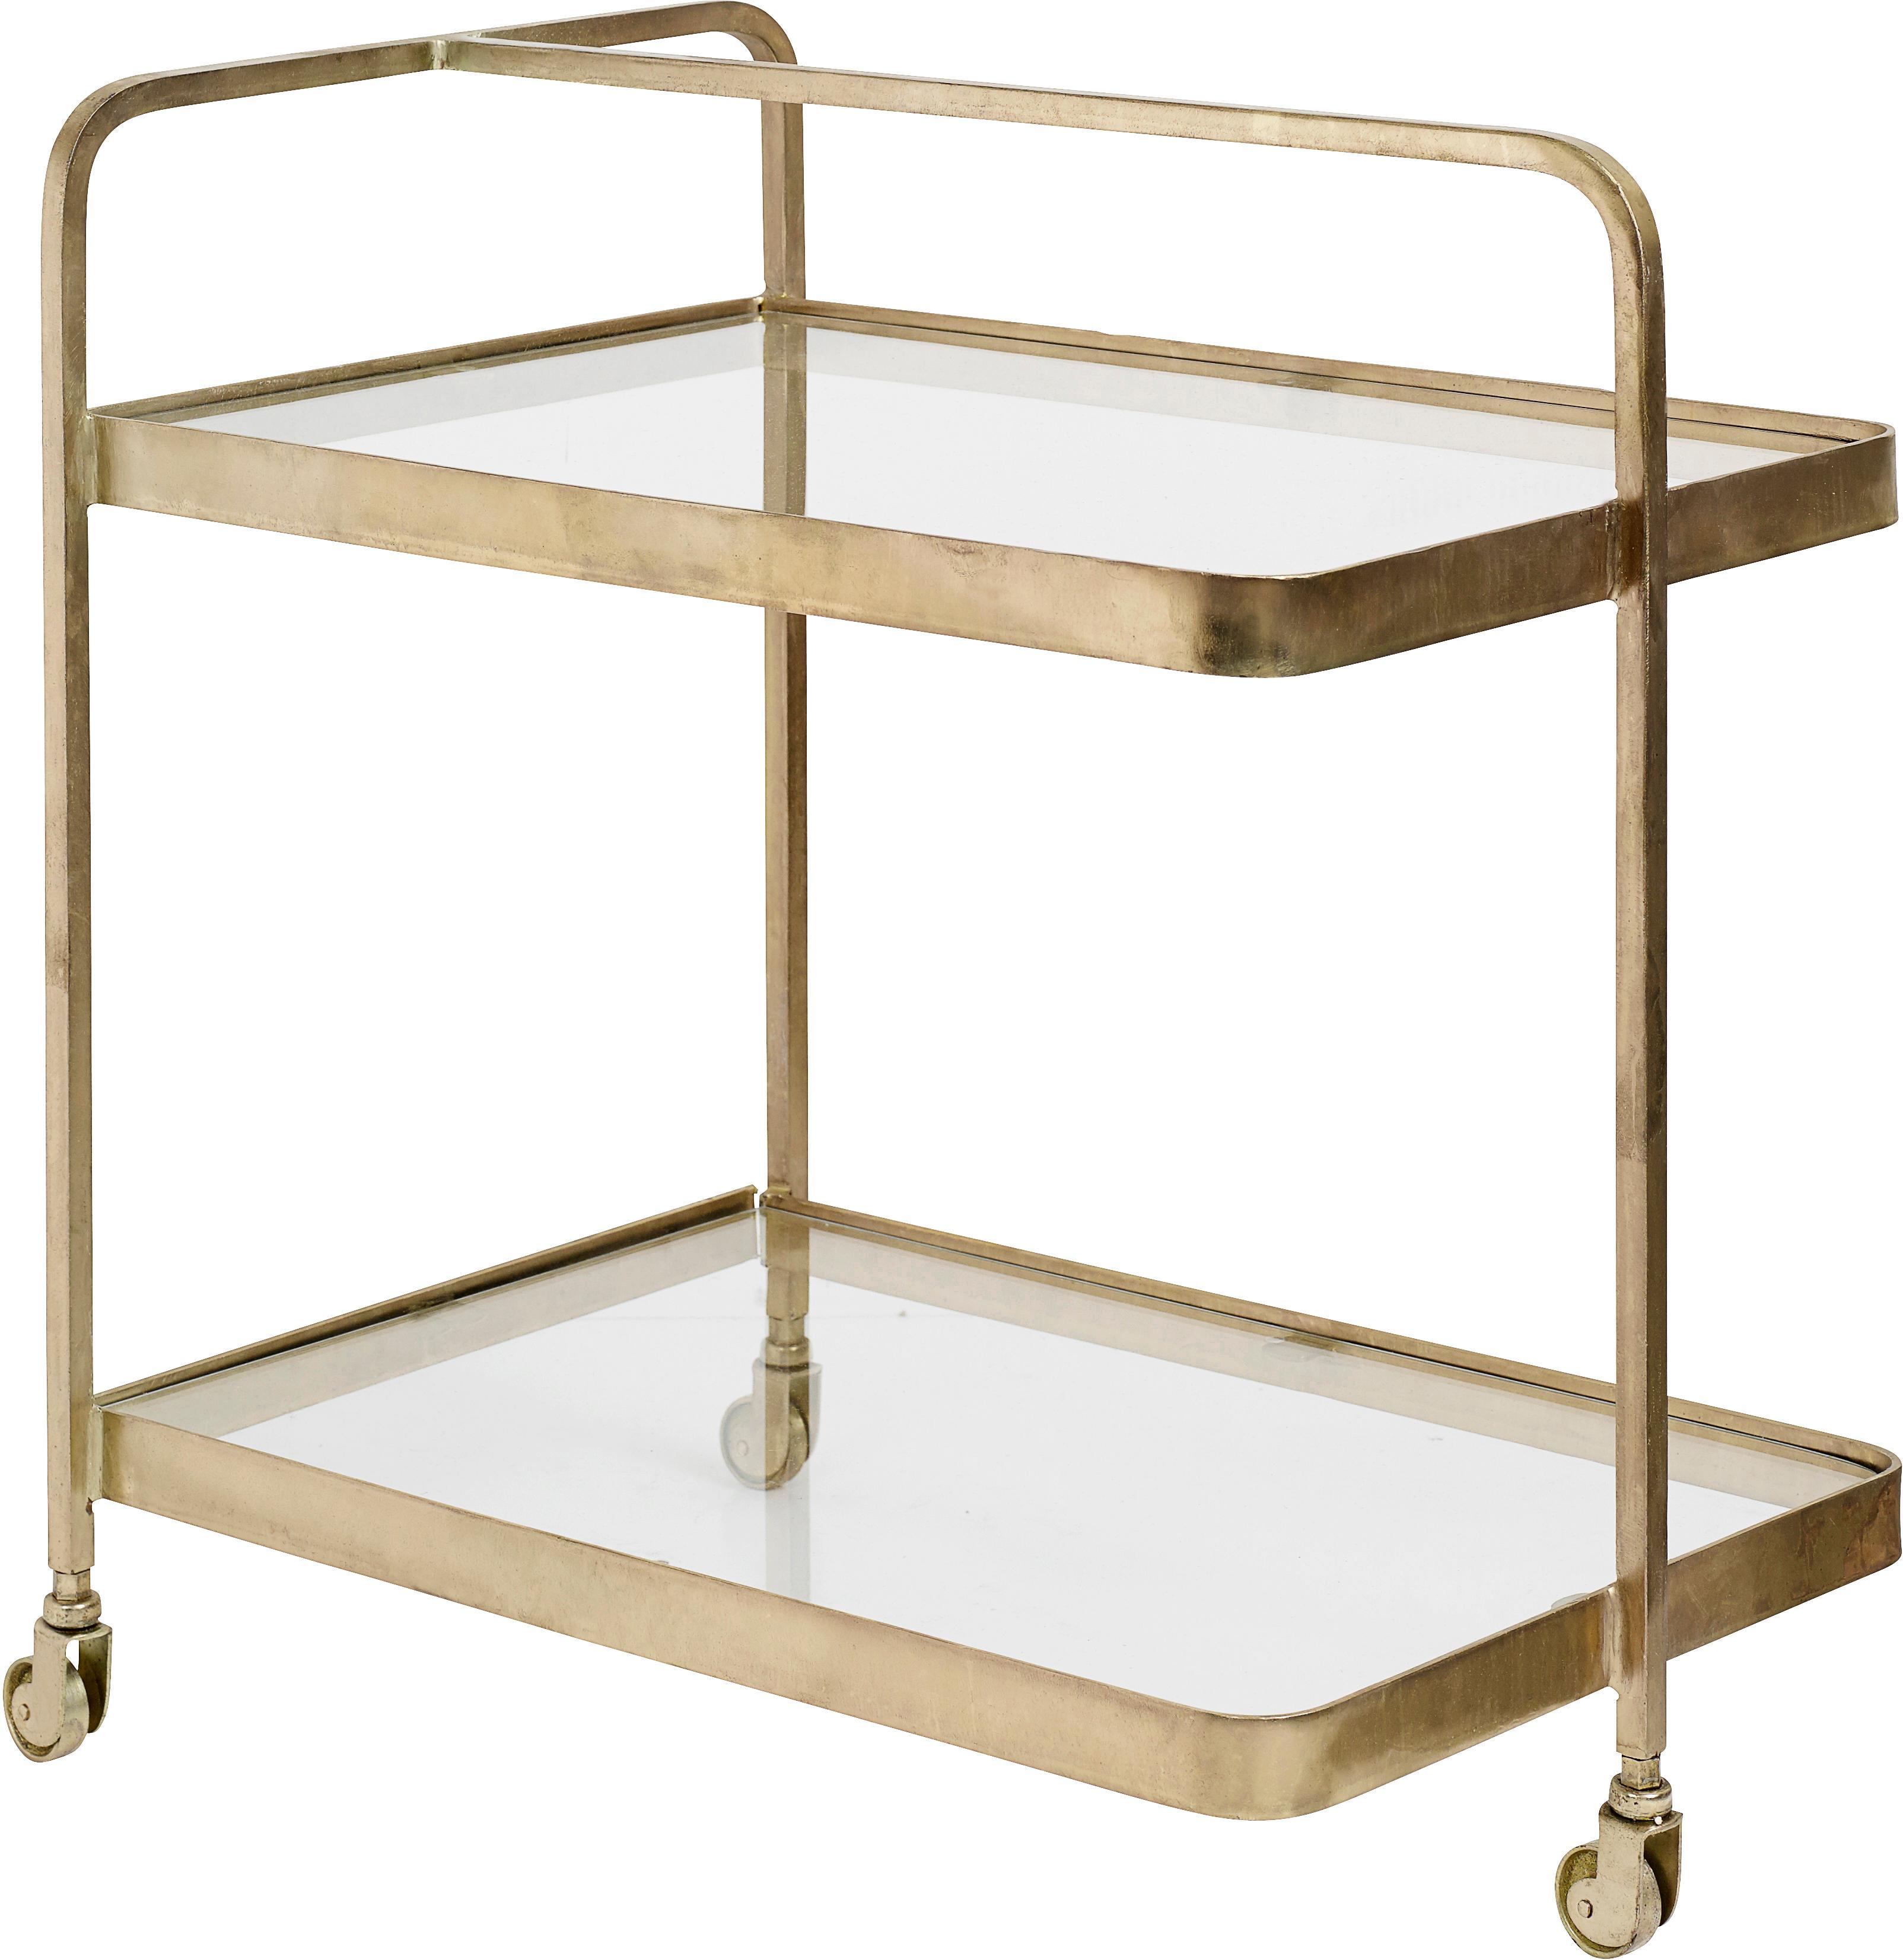 Wózek barowy ze szklanymi blatami Troy, Stelaż: metal mosiądzowany, Złoty, S 70 x W 75 cm